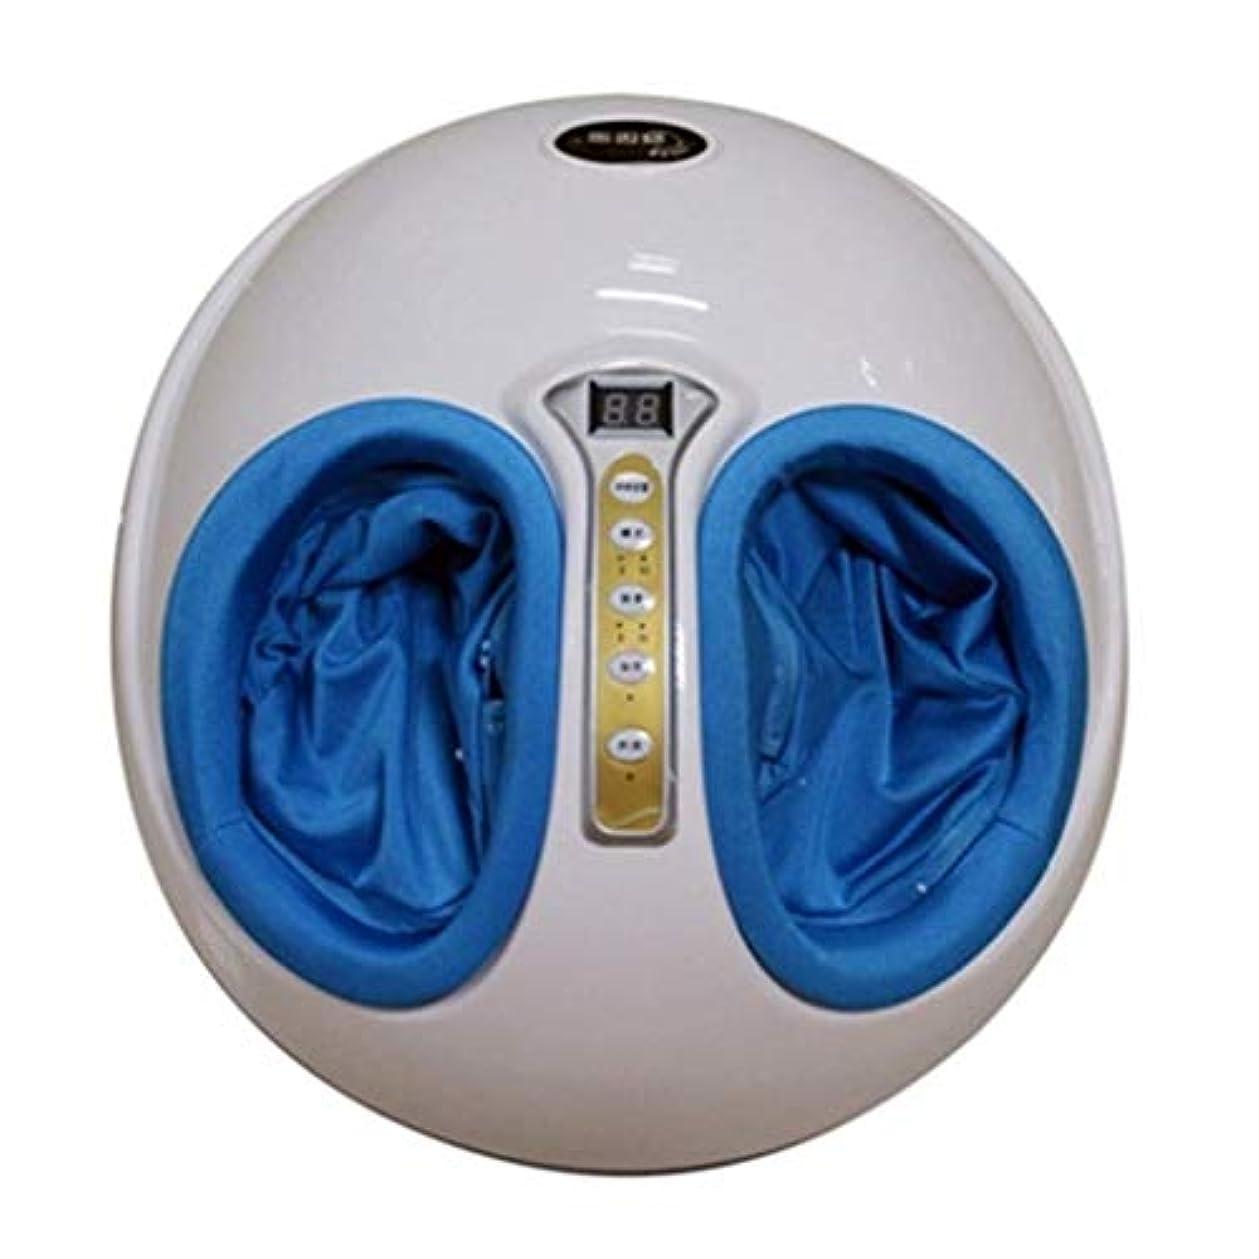 安全ビュッフェエゴイズムフットマッサージャー、電動マッサージャー、3D指圧Pressureみマッサージ/加熱、赤外線フットケアマシン、減圧とリラクゼーション療法、痛みを和らげ、血液循環を促進